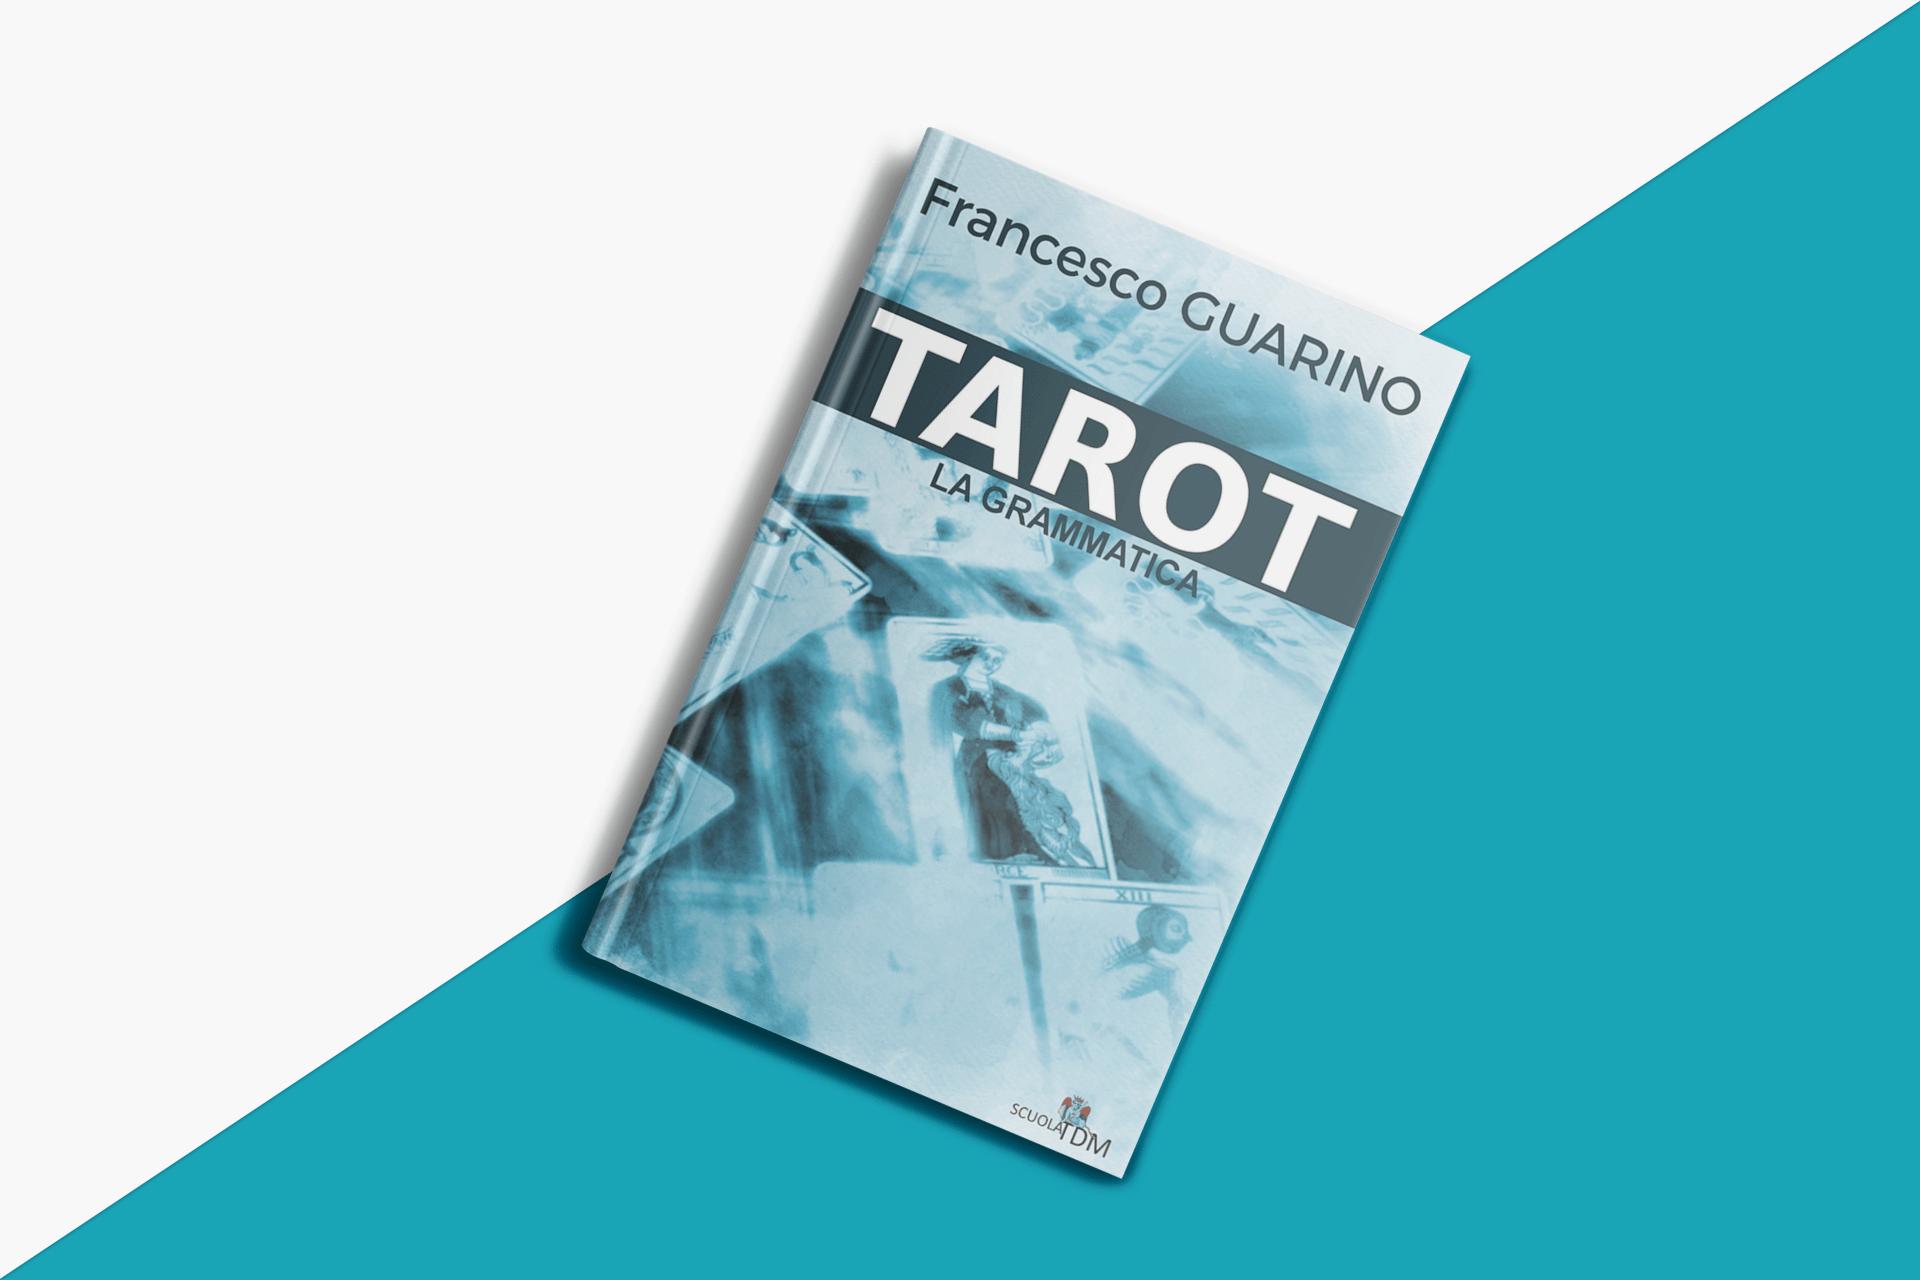 Tarot Box Francesco Guarino Libro La Grammatica